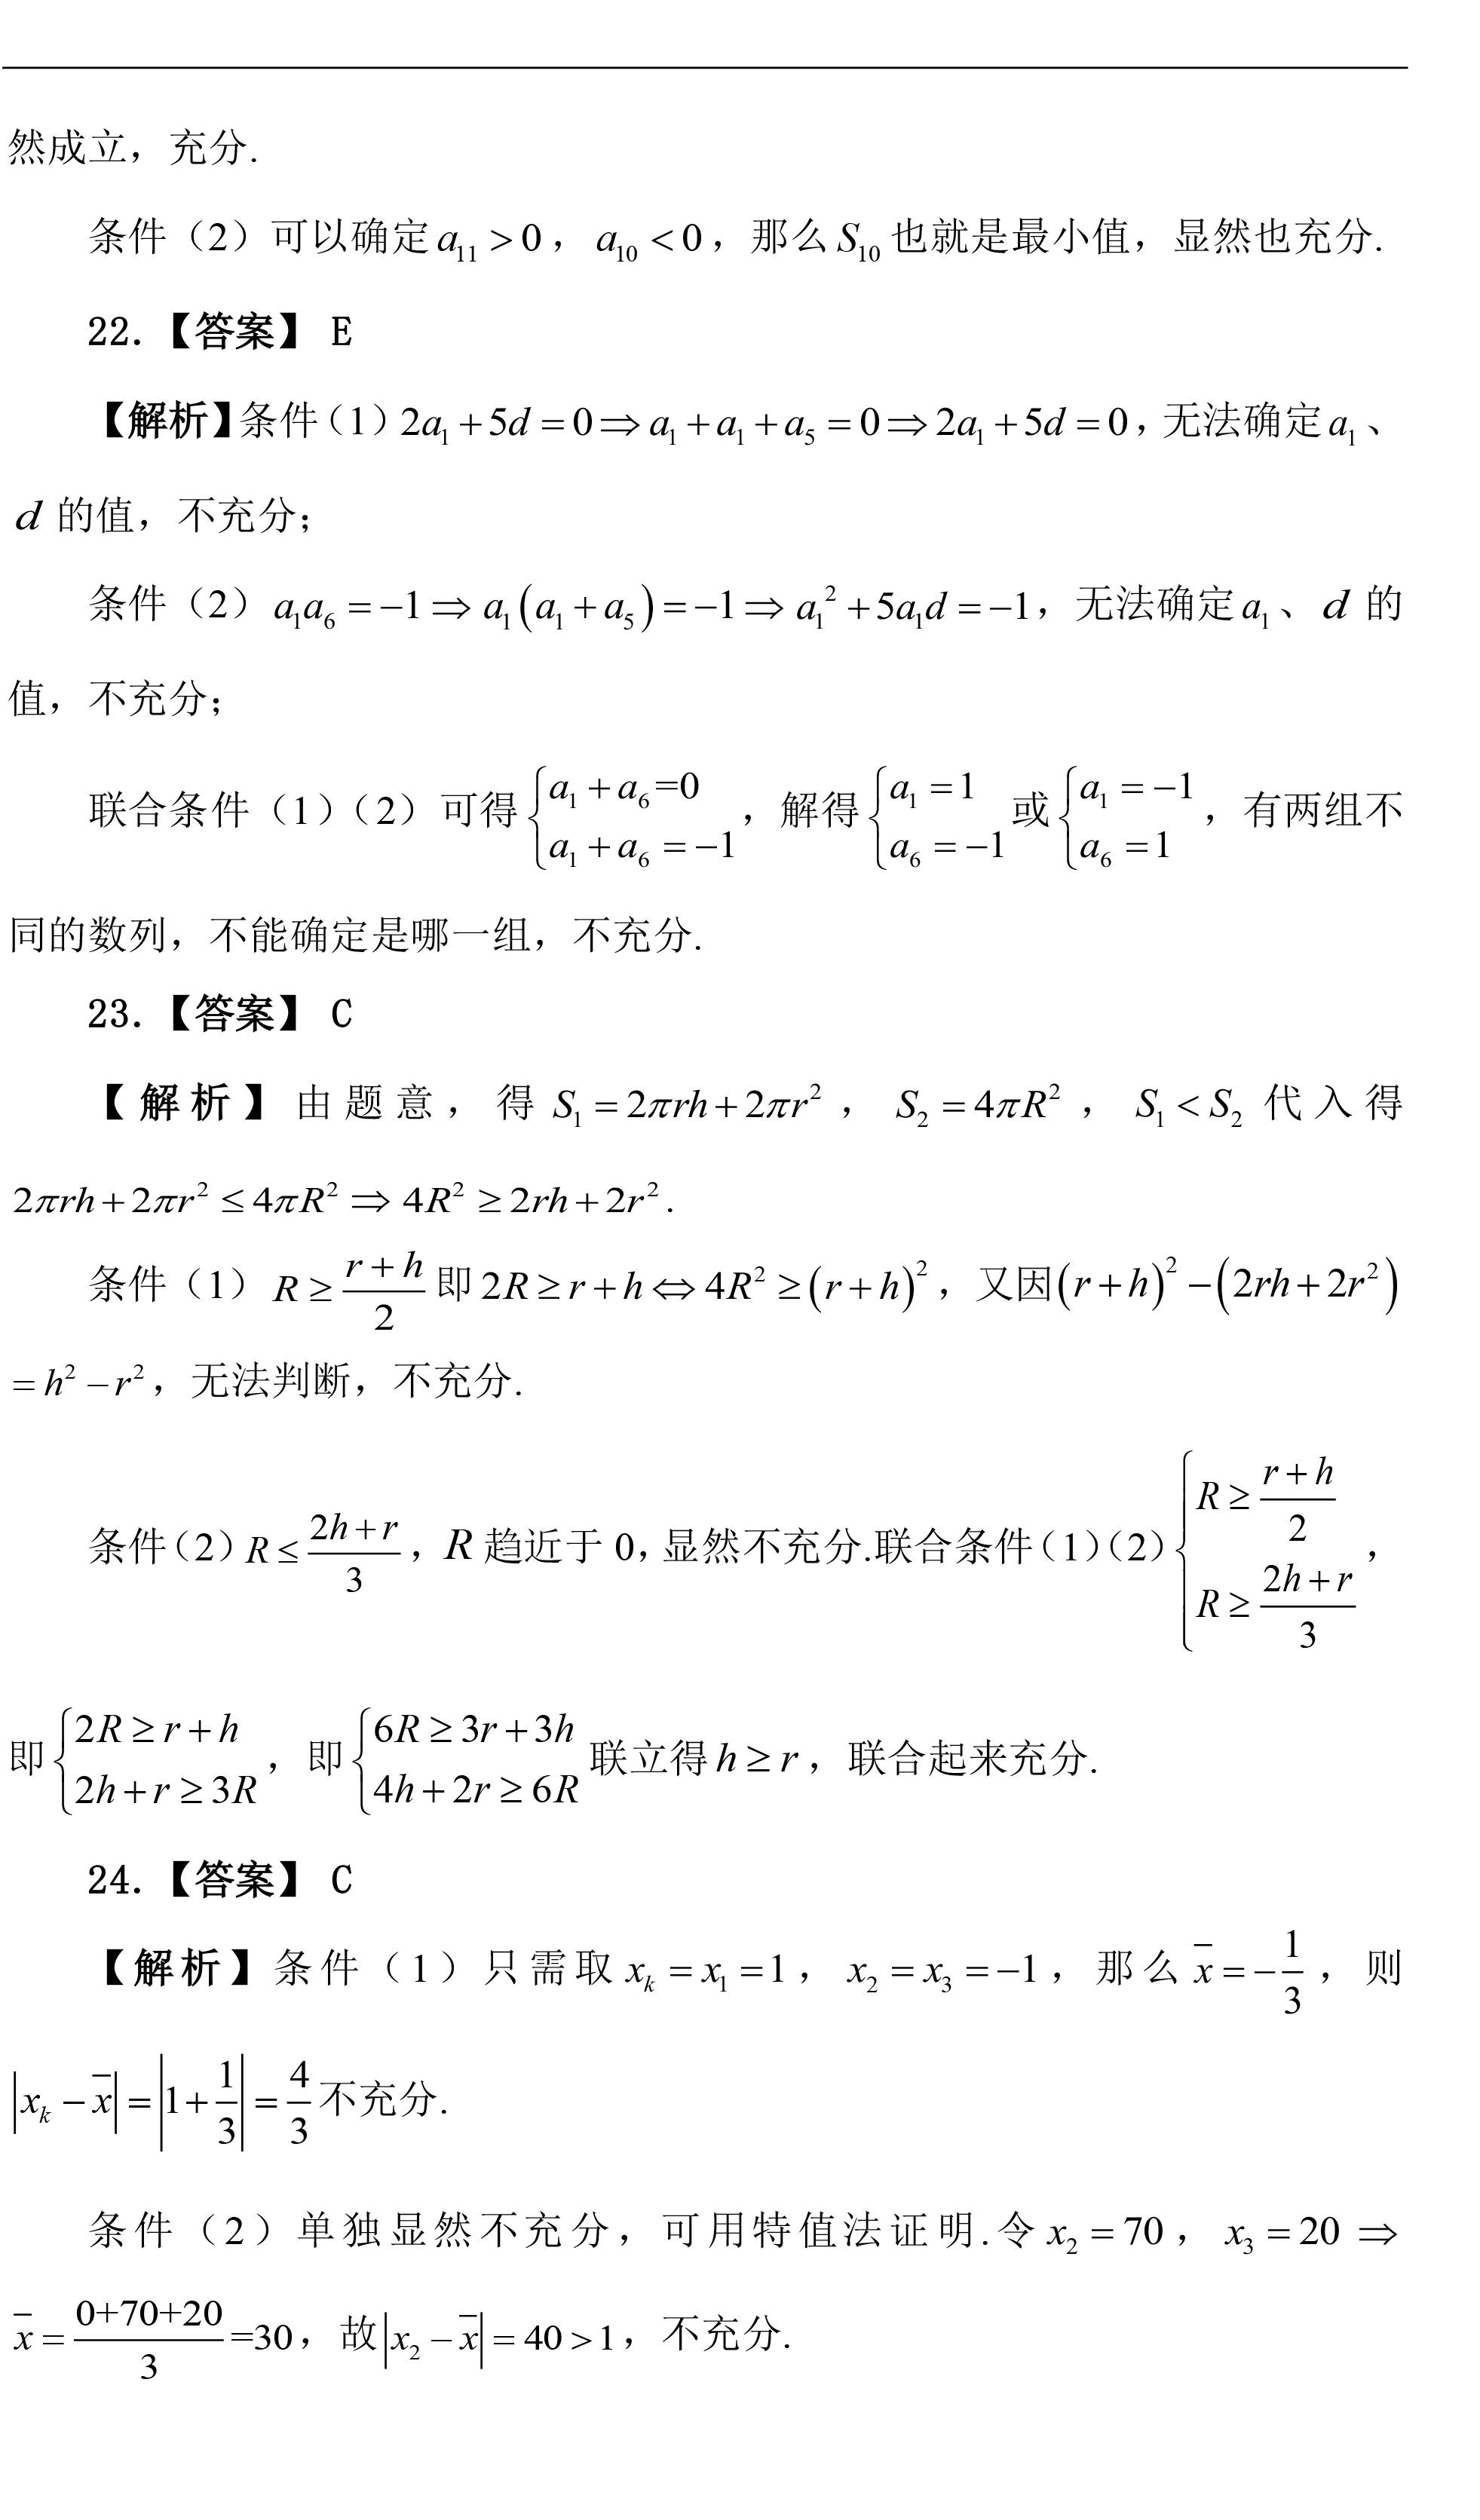 真题试卷集-综合-2014~2018-解析-25.jpg